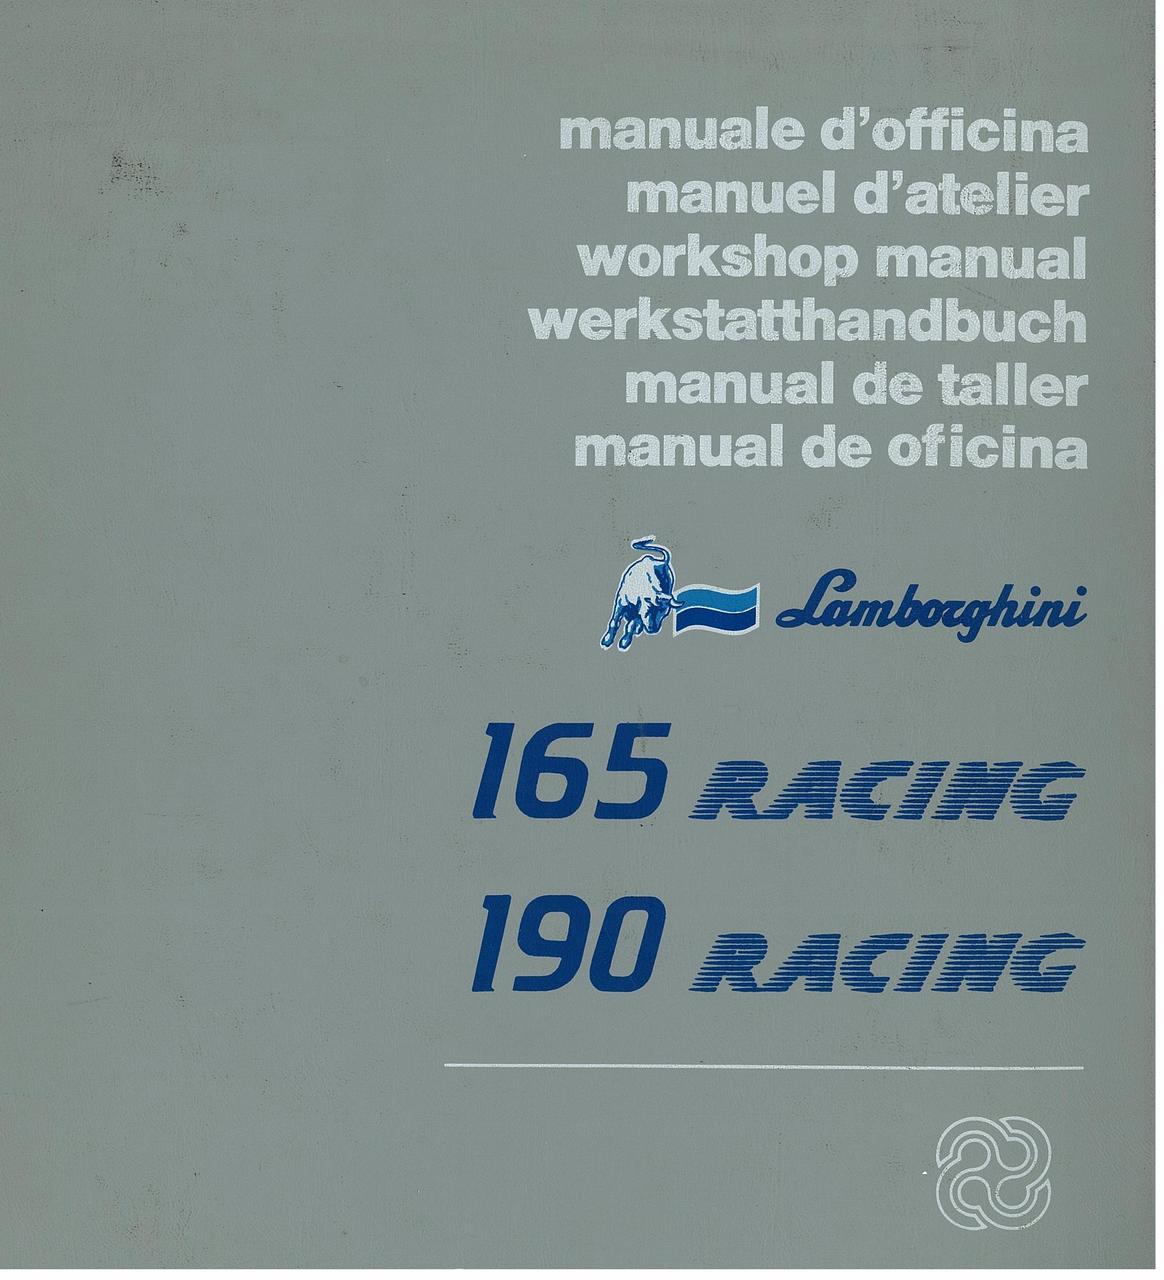 165 RACING - 190 RACING - Manuale d'Officina